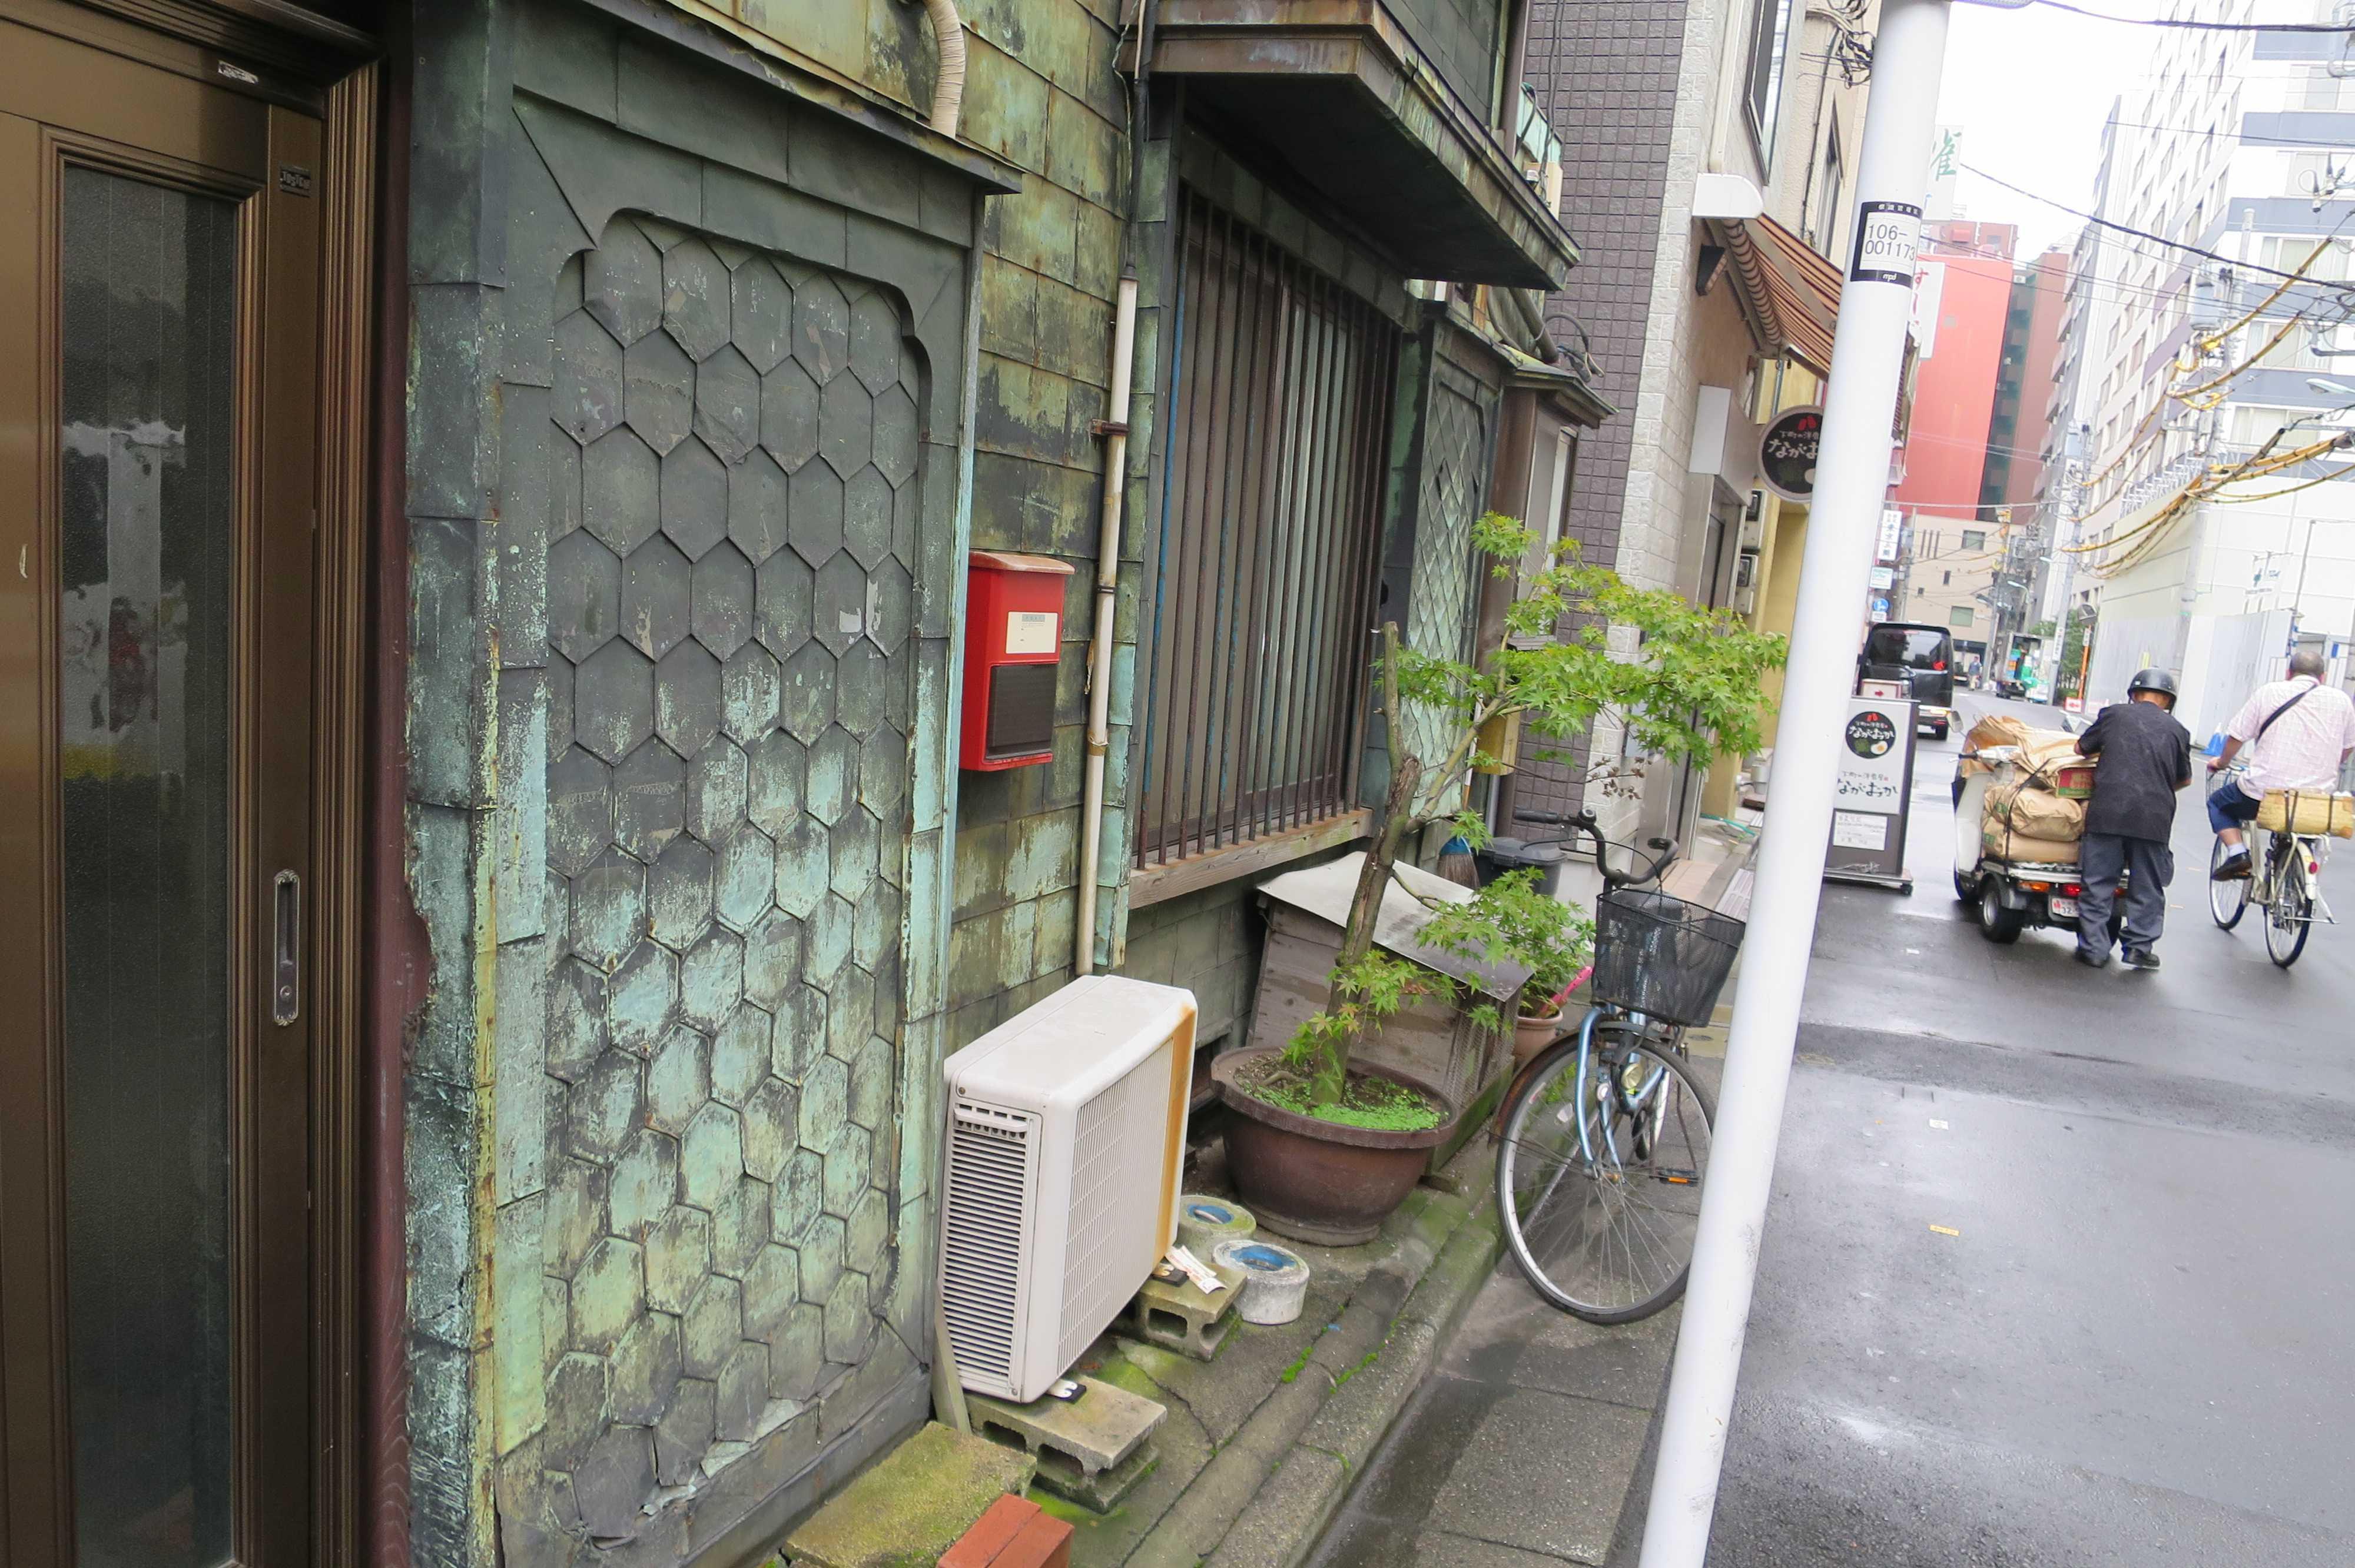 築地エリア - 戸袋や窓も銅板貼りの看板建築